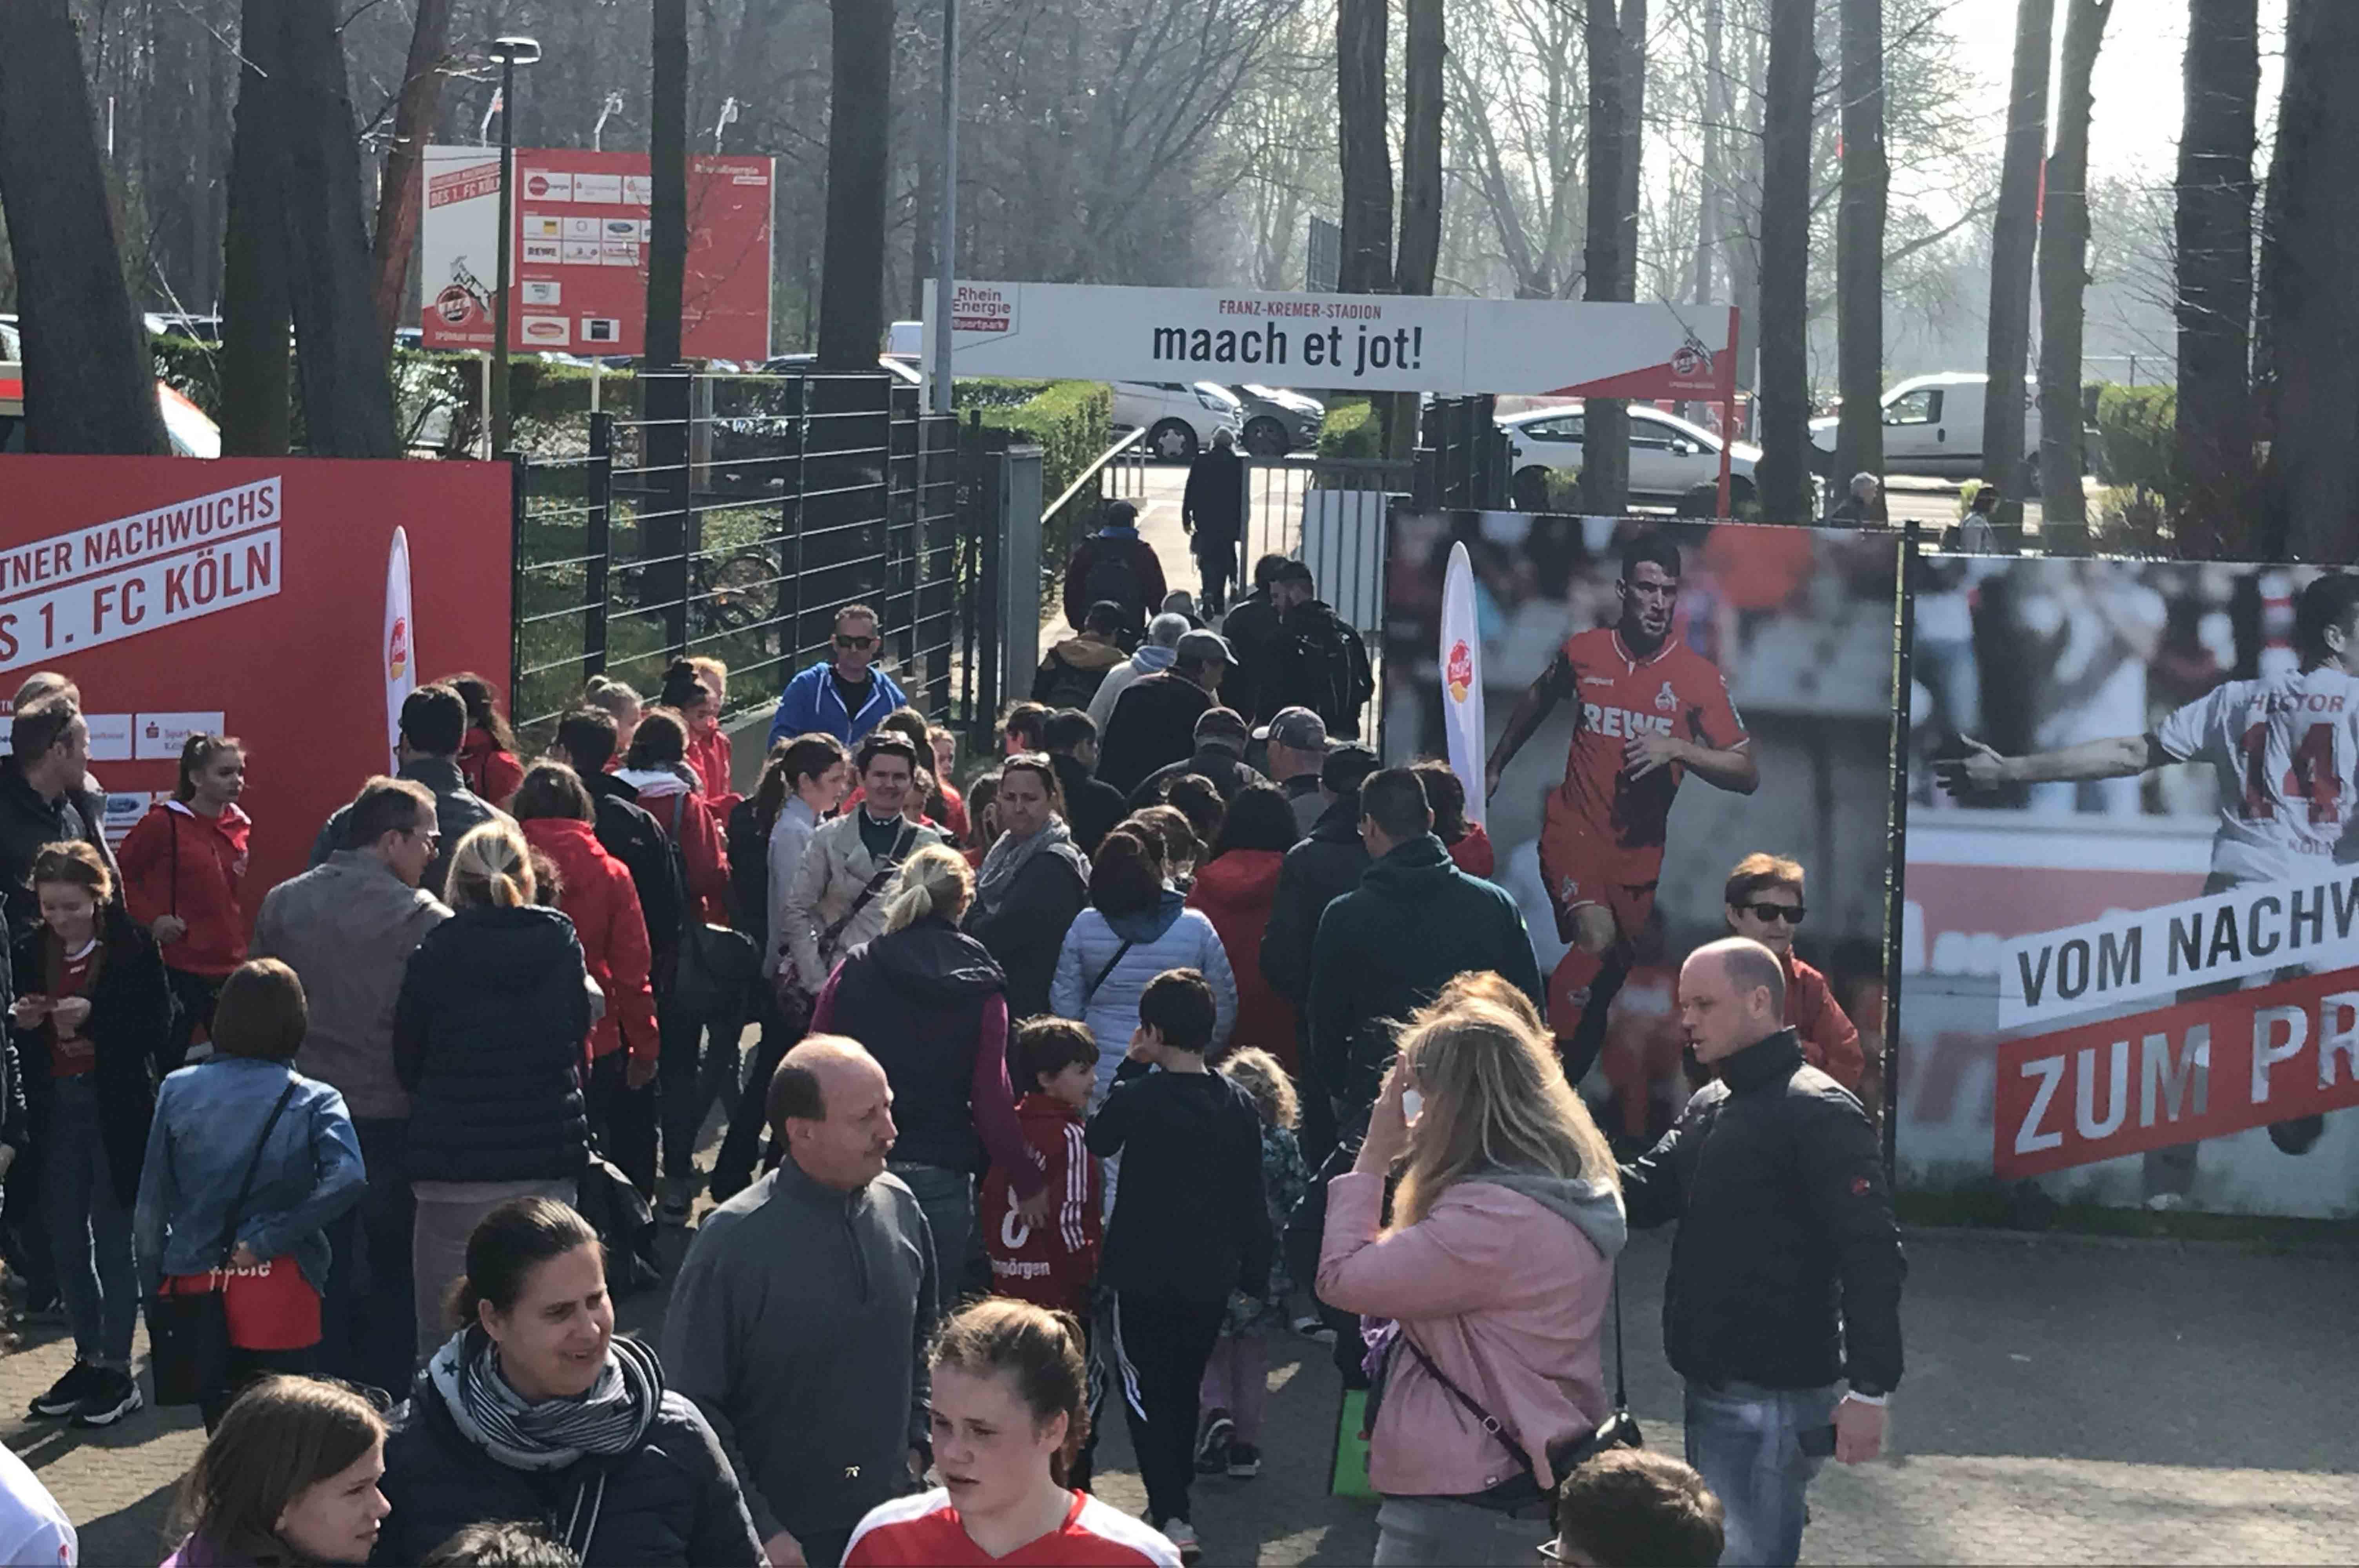 sponsoring-fc-koeln-schaebens-frauenfußball-geißbockheim-sponsor